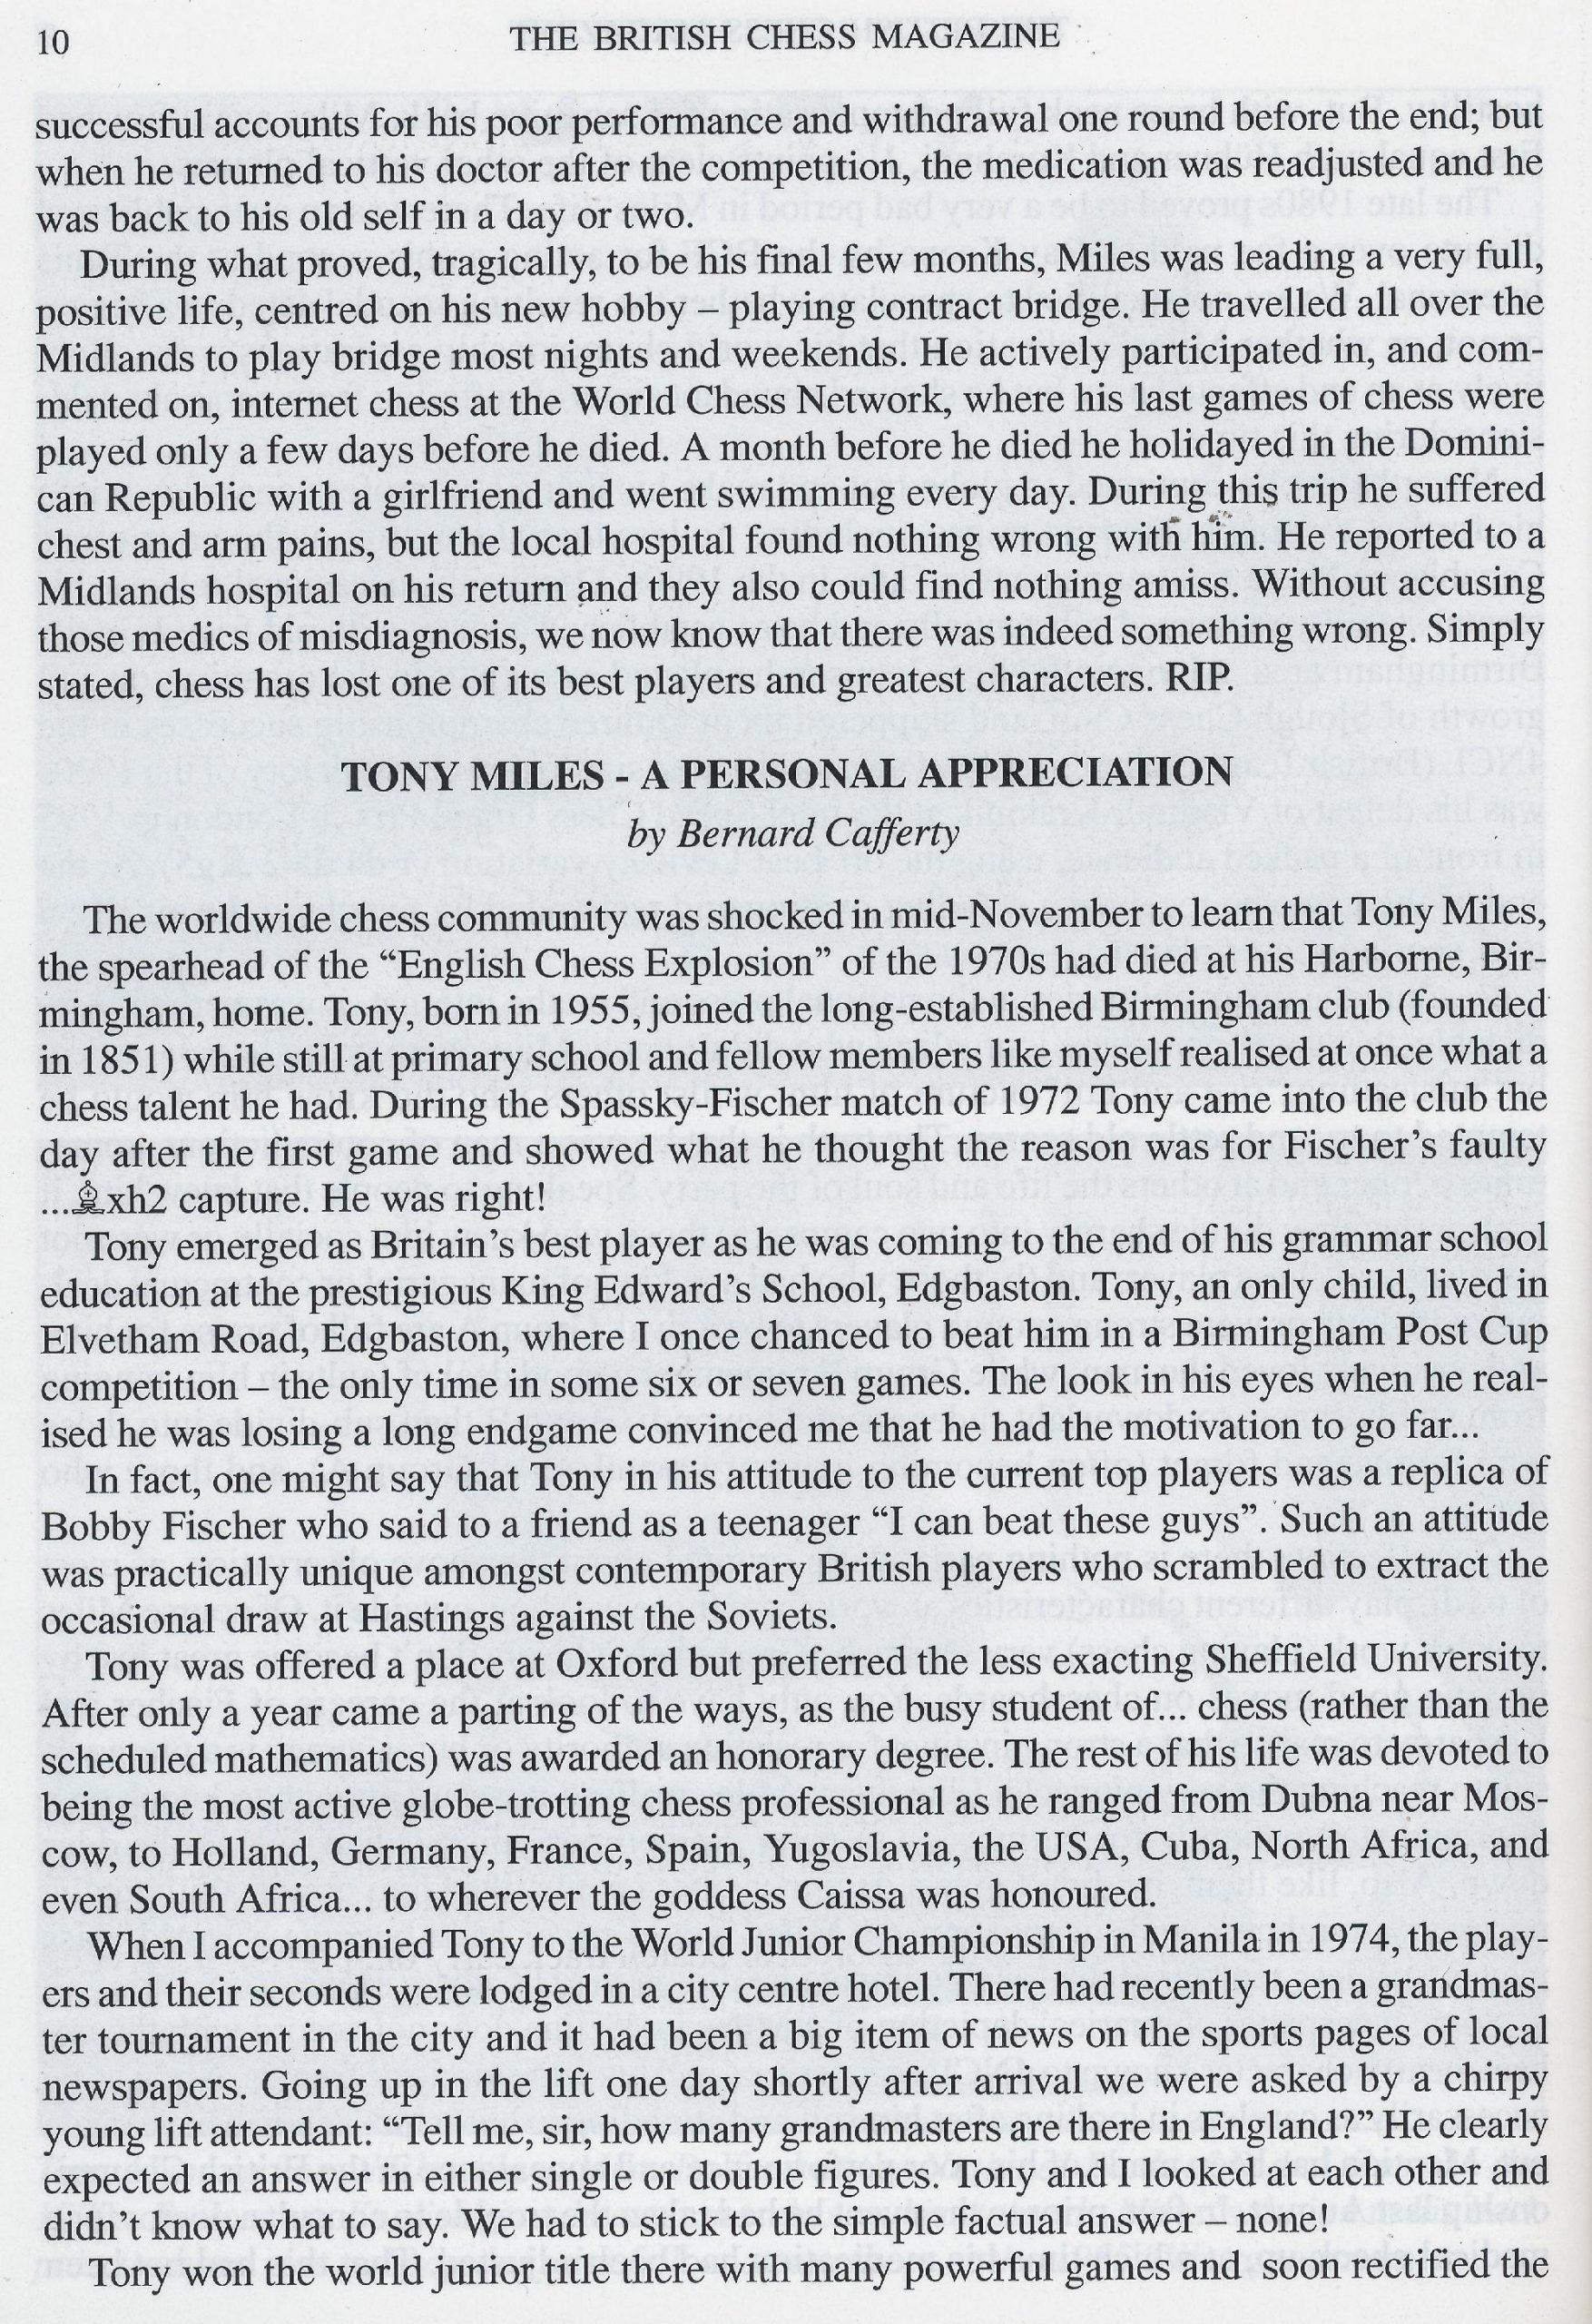 British Chess Magazine, Volume CXXII (122, 2002), Number 1 (January) pp. 6-13